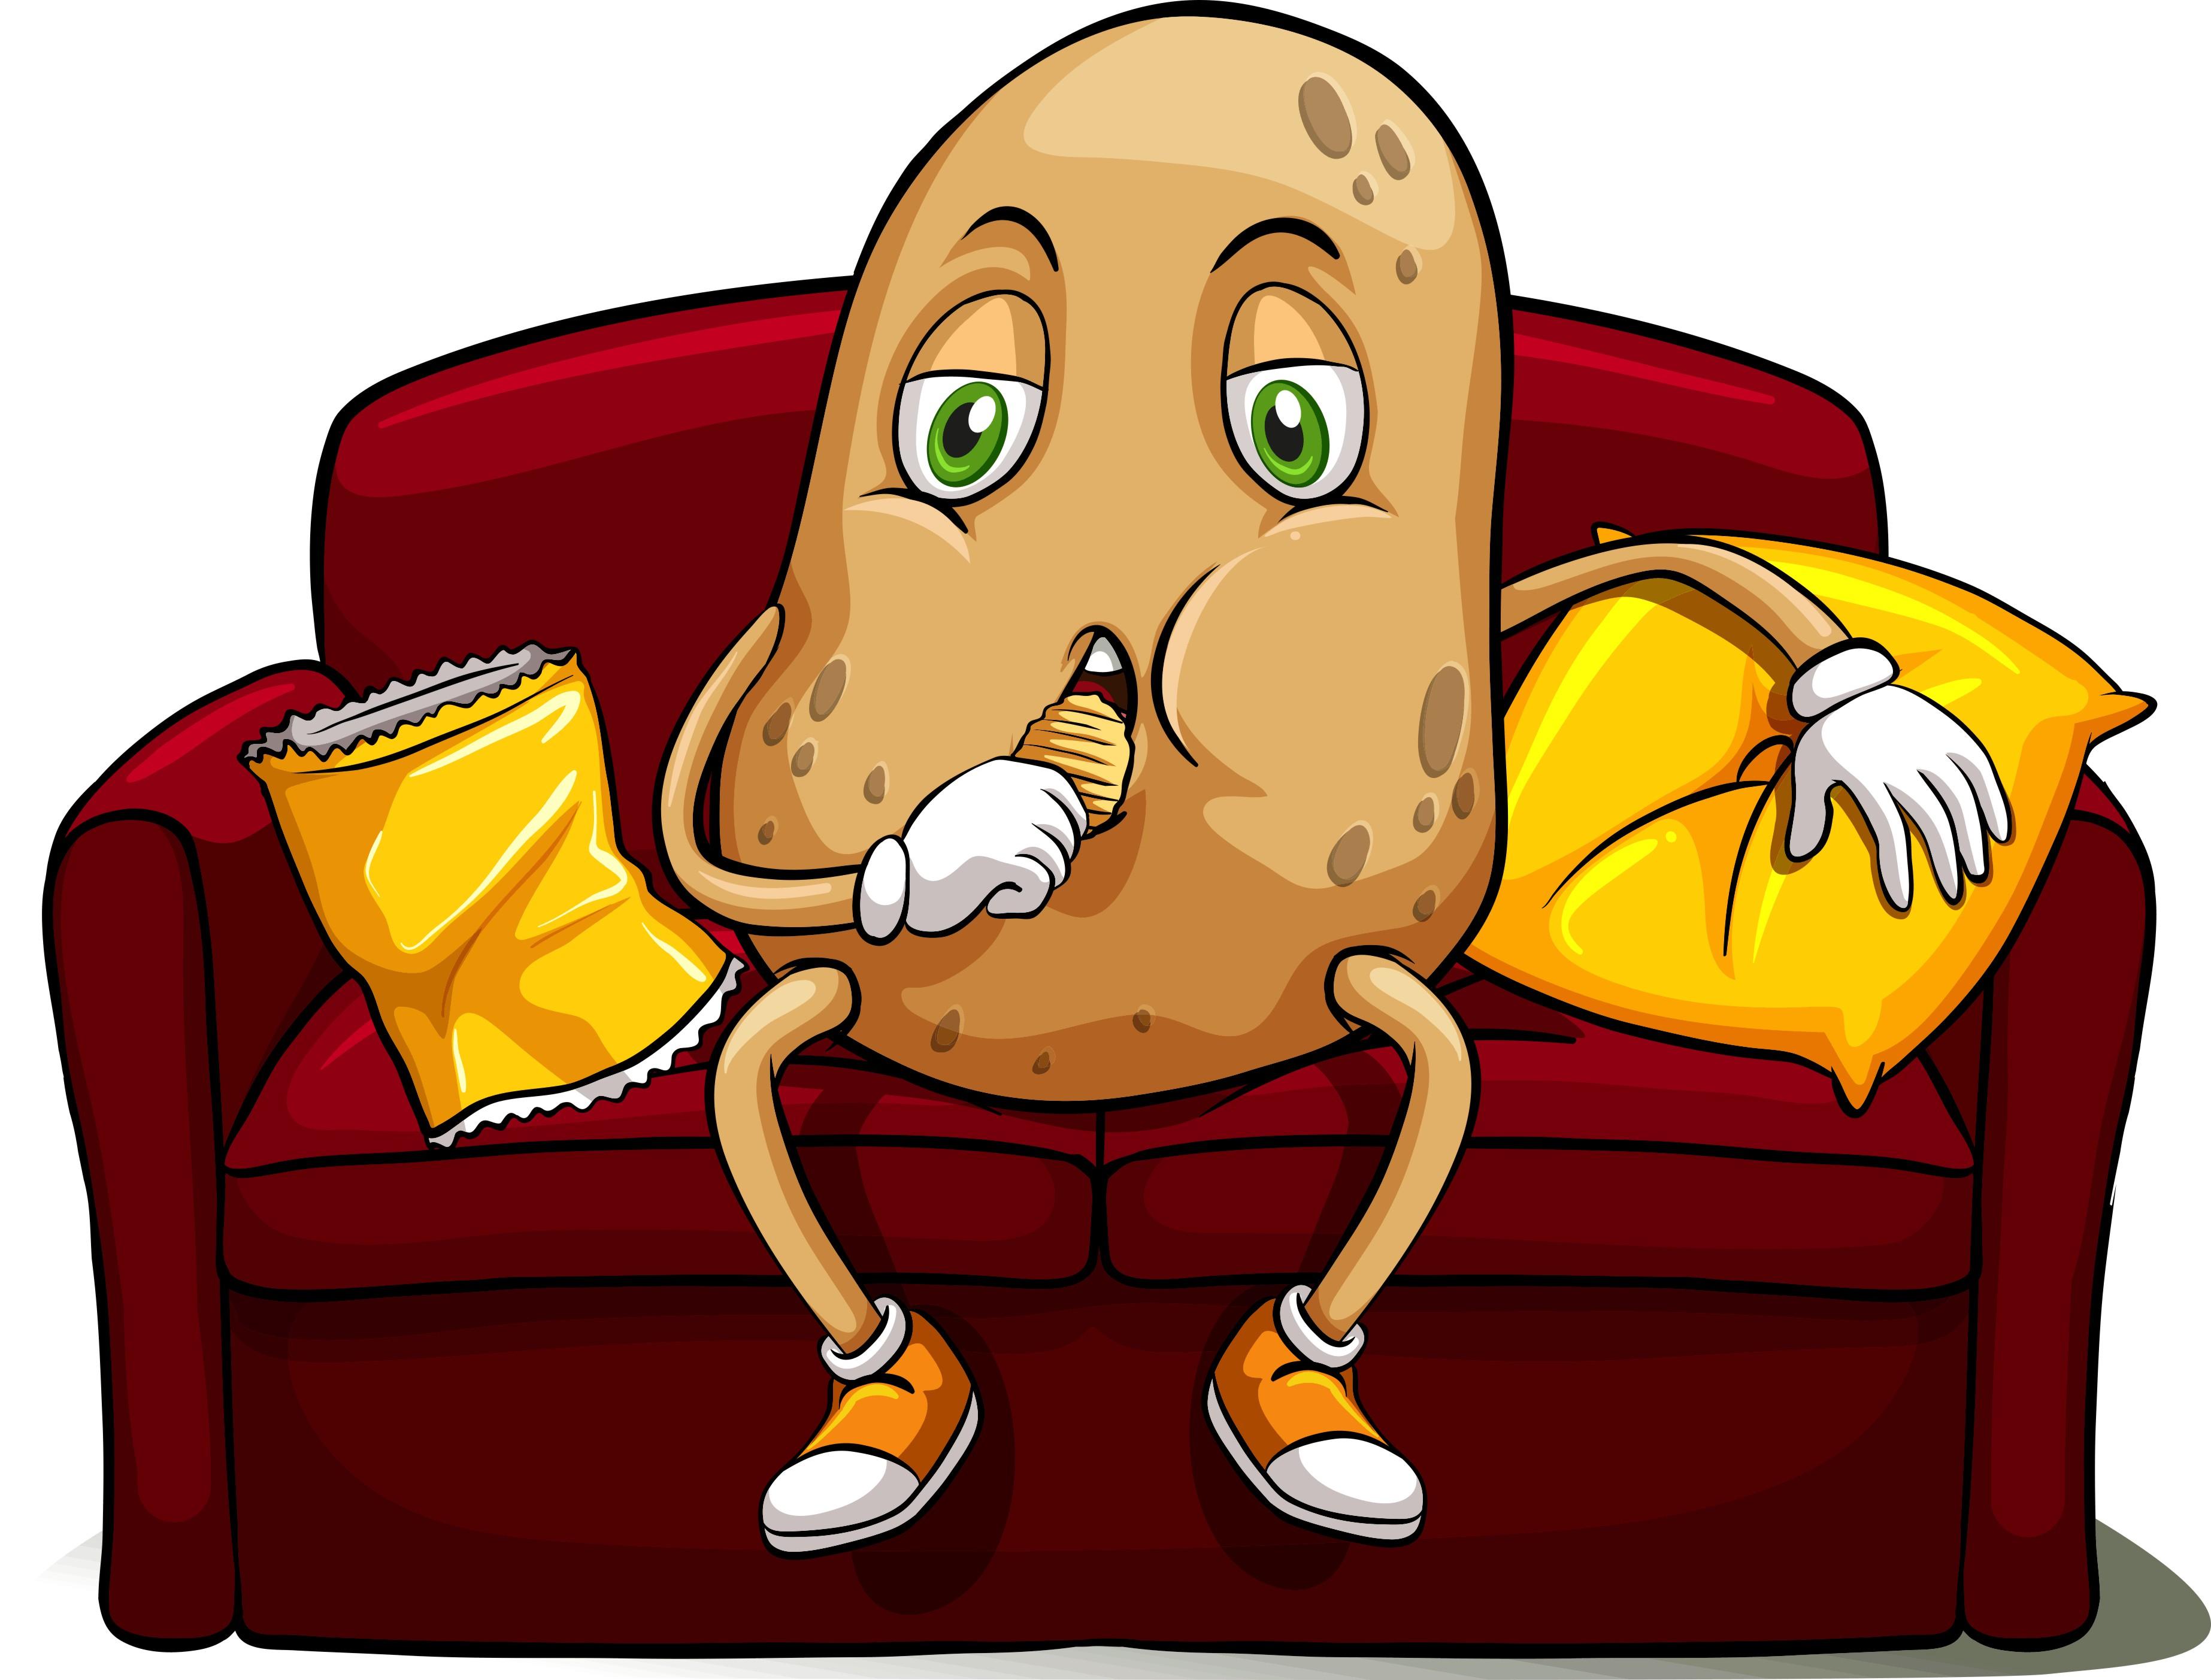 「couch potato」の意味は「ダラダラする人」。使い方を解説!